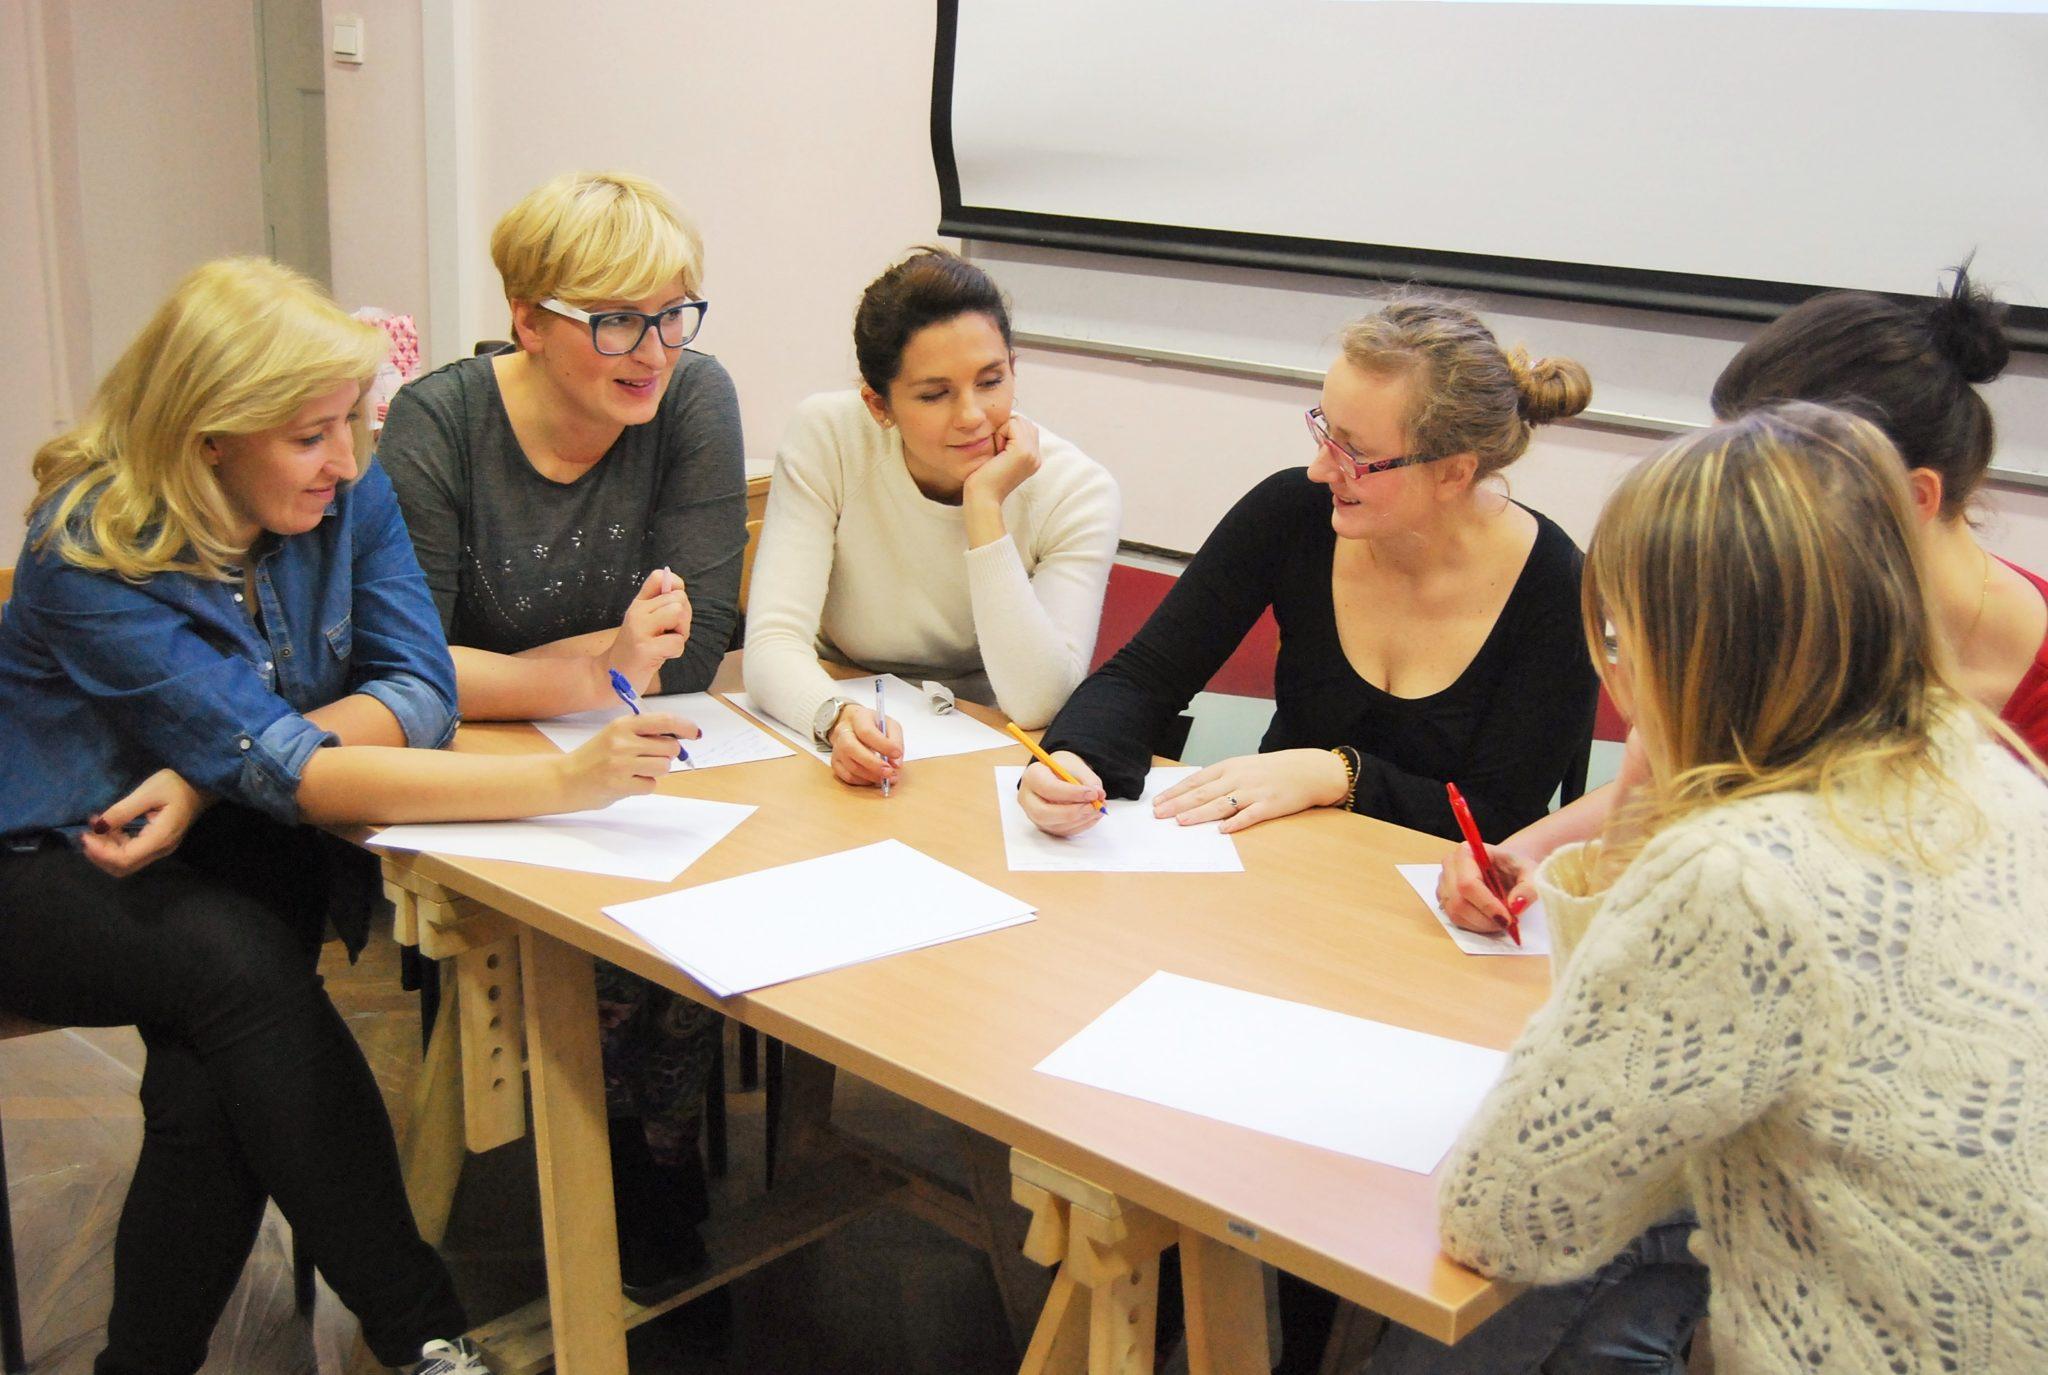 2-dniowe szkolenie z arteterapii w Warszawie